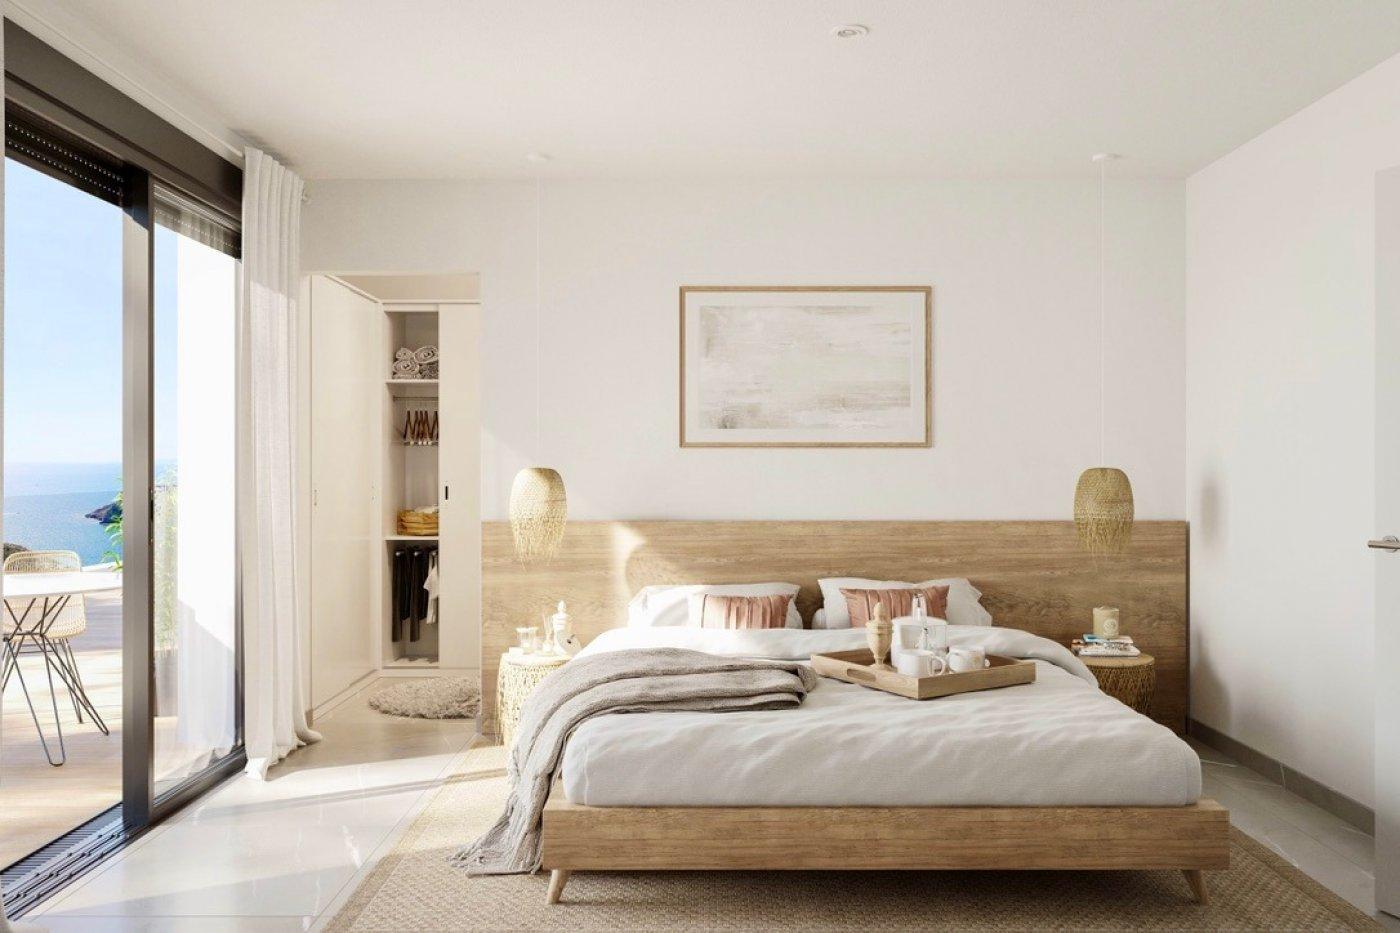 Galleribillede 7 of Uovertruffen panorama udsigt - 3 værelses luksus lejlighed med 2 badeværelser